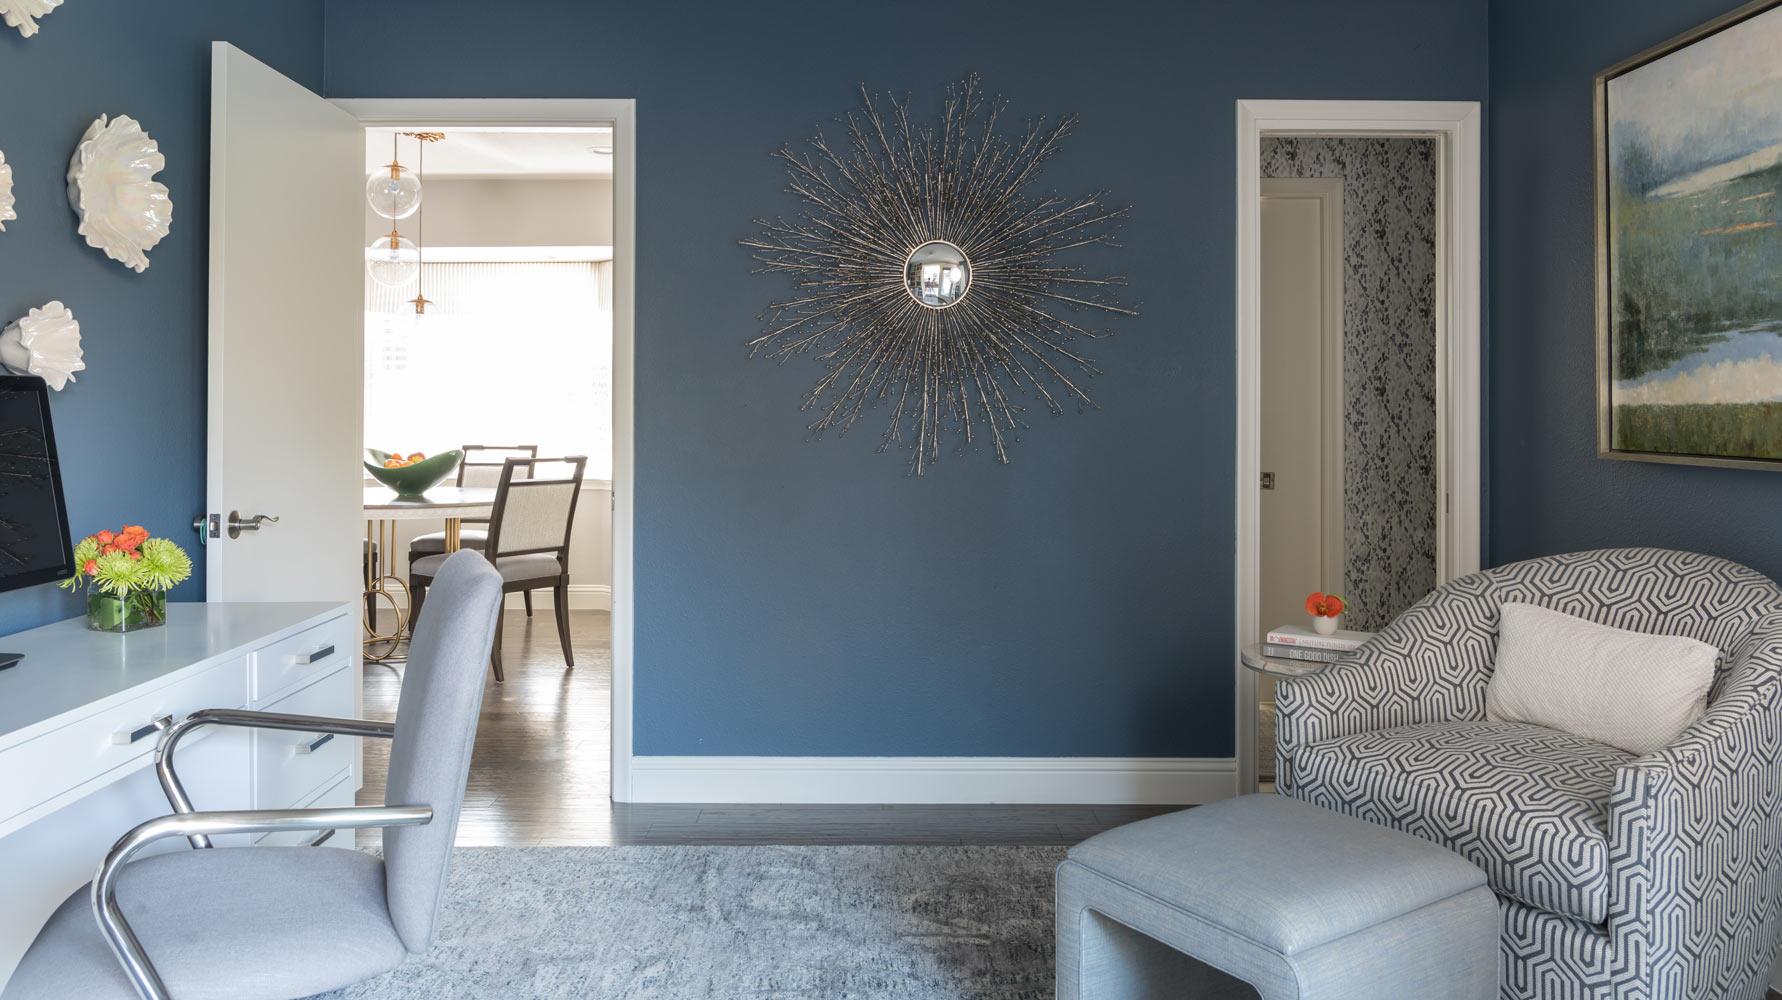 transitional-decor-dallas-study-room-interior-design